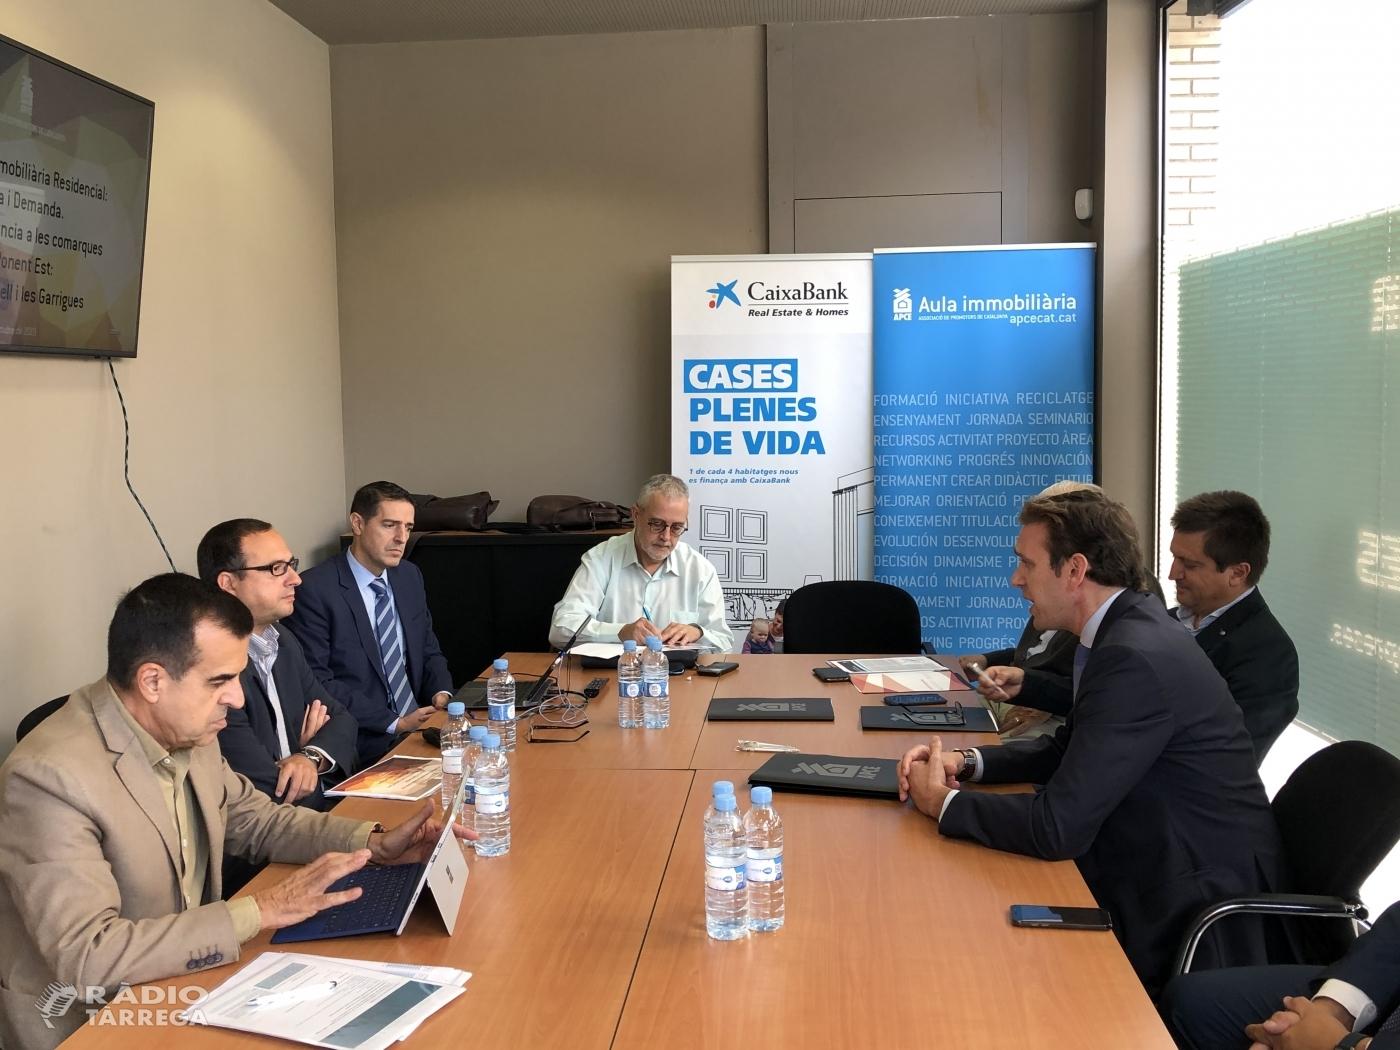 L'APCE i CaixaBank analitzen a Tàrrega la situació immobiliària a les comarques del Ponent Est: Segarra, Urgell i les Garrigues